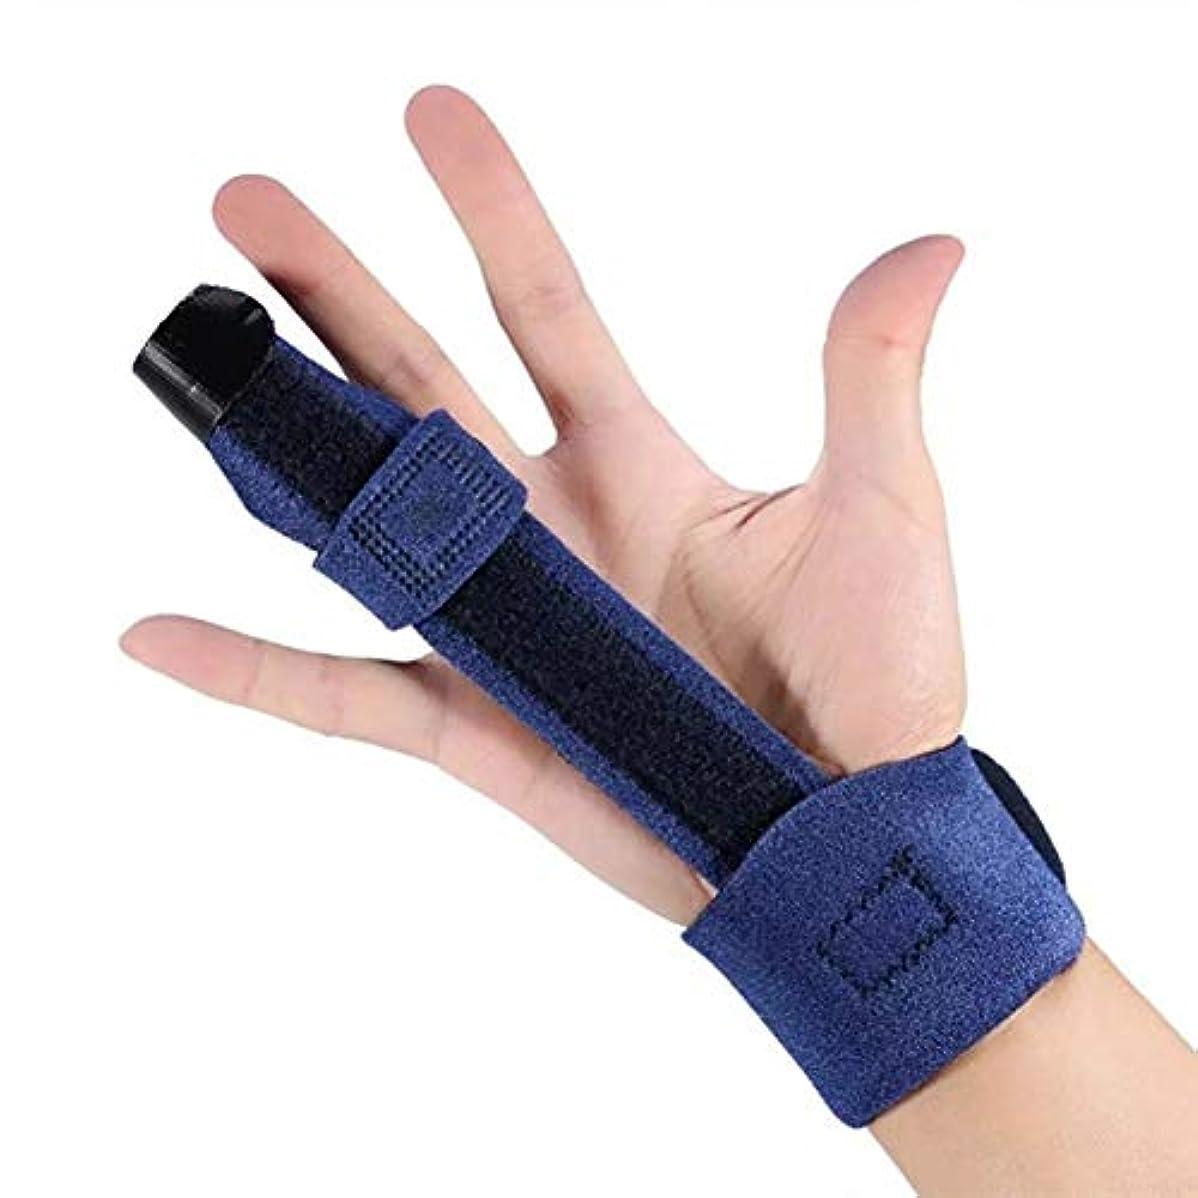 アプト縮約寛大なフィンガースプリント、ばね指のためのフィンガーサポートスプリント、マレットフィンガー、可鍛性メタリックハンドスプリントフィンガーサポート(調節可能なマジックテープ)